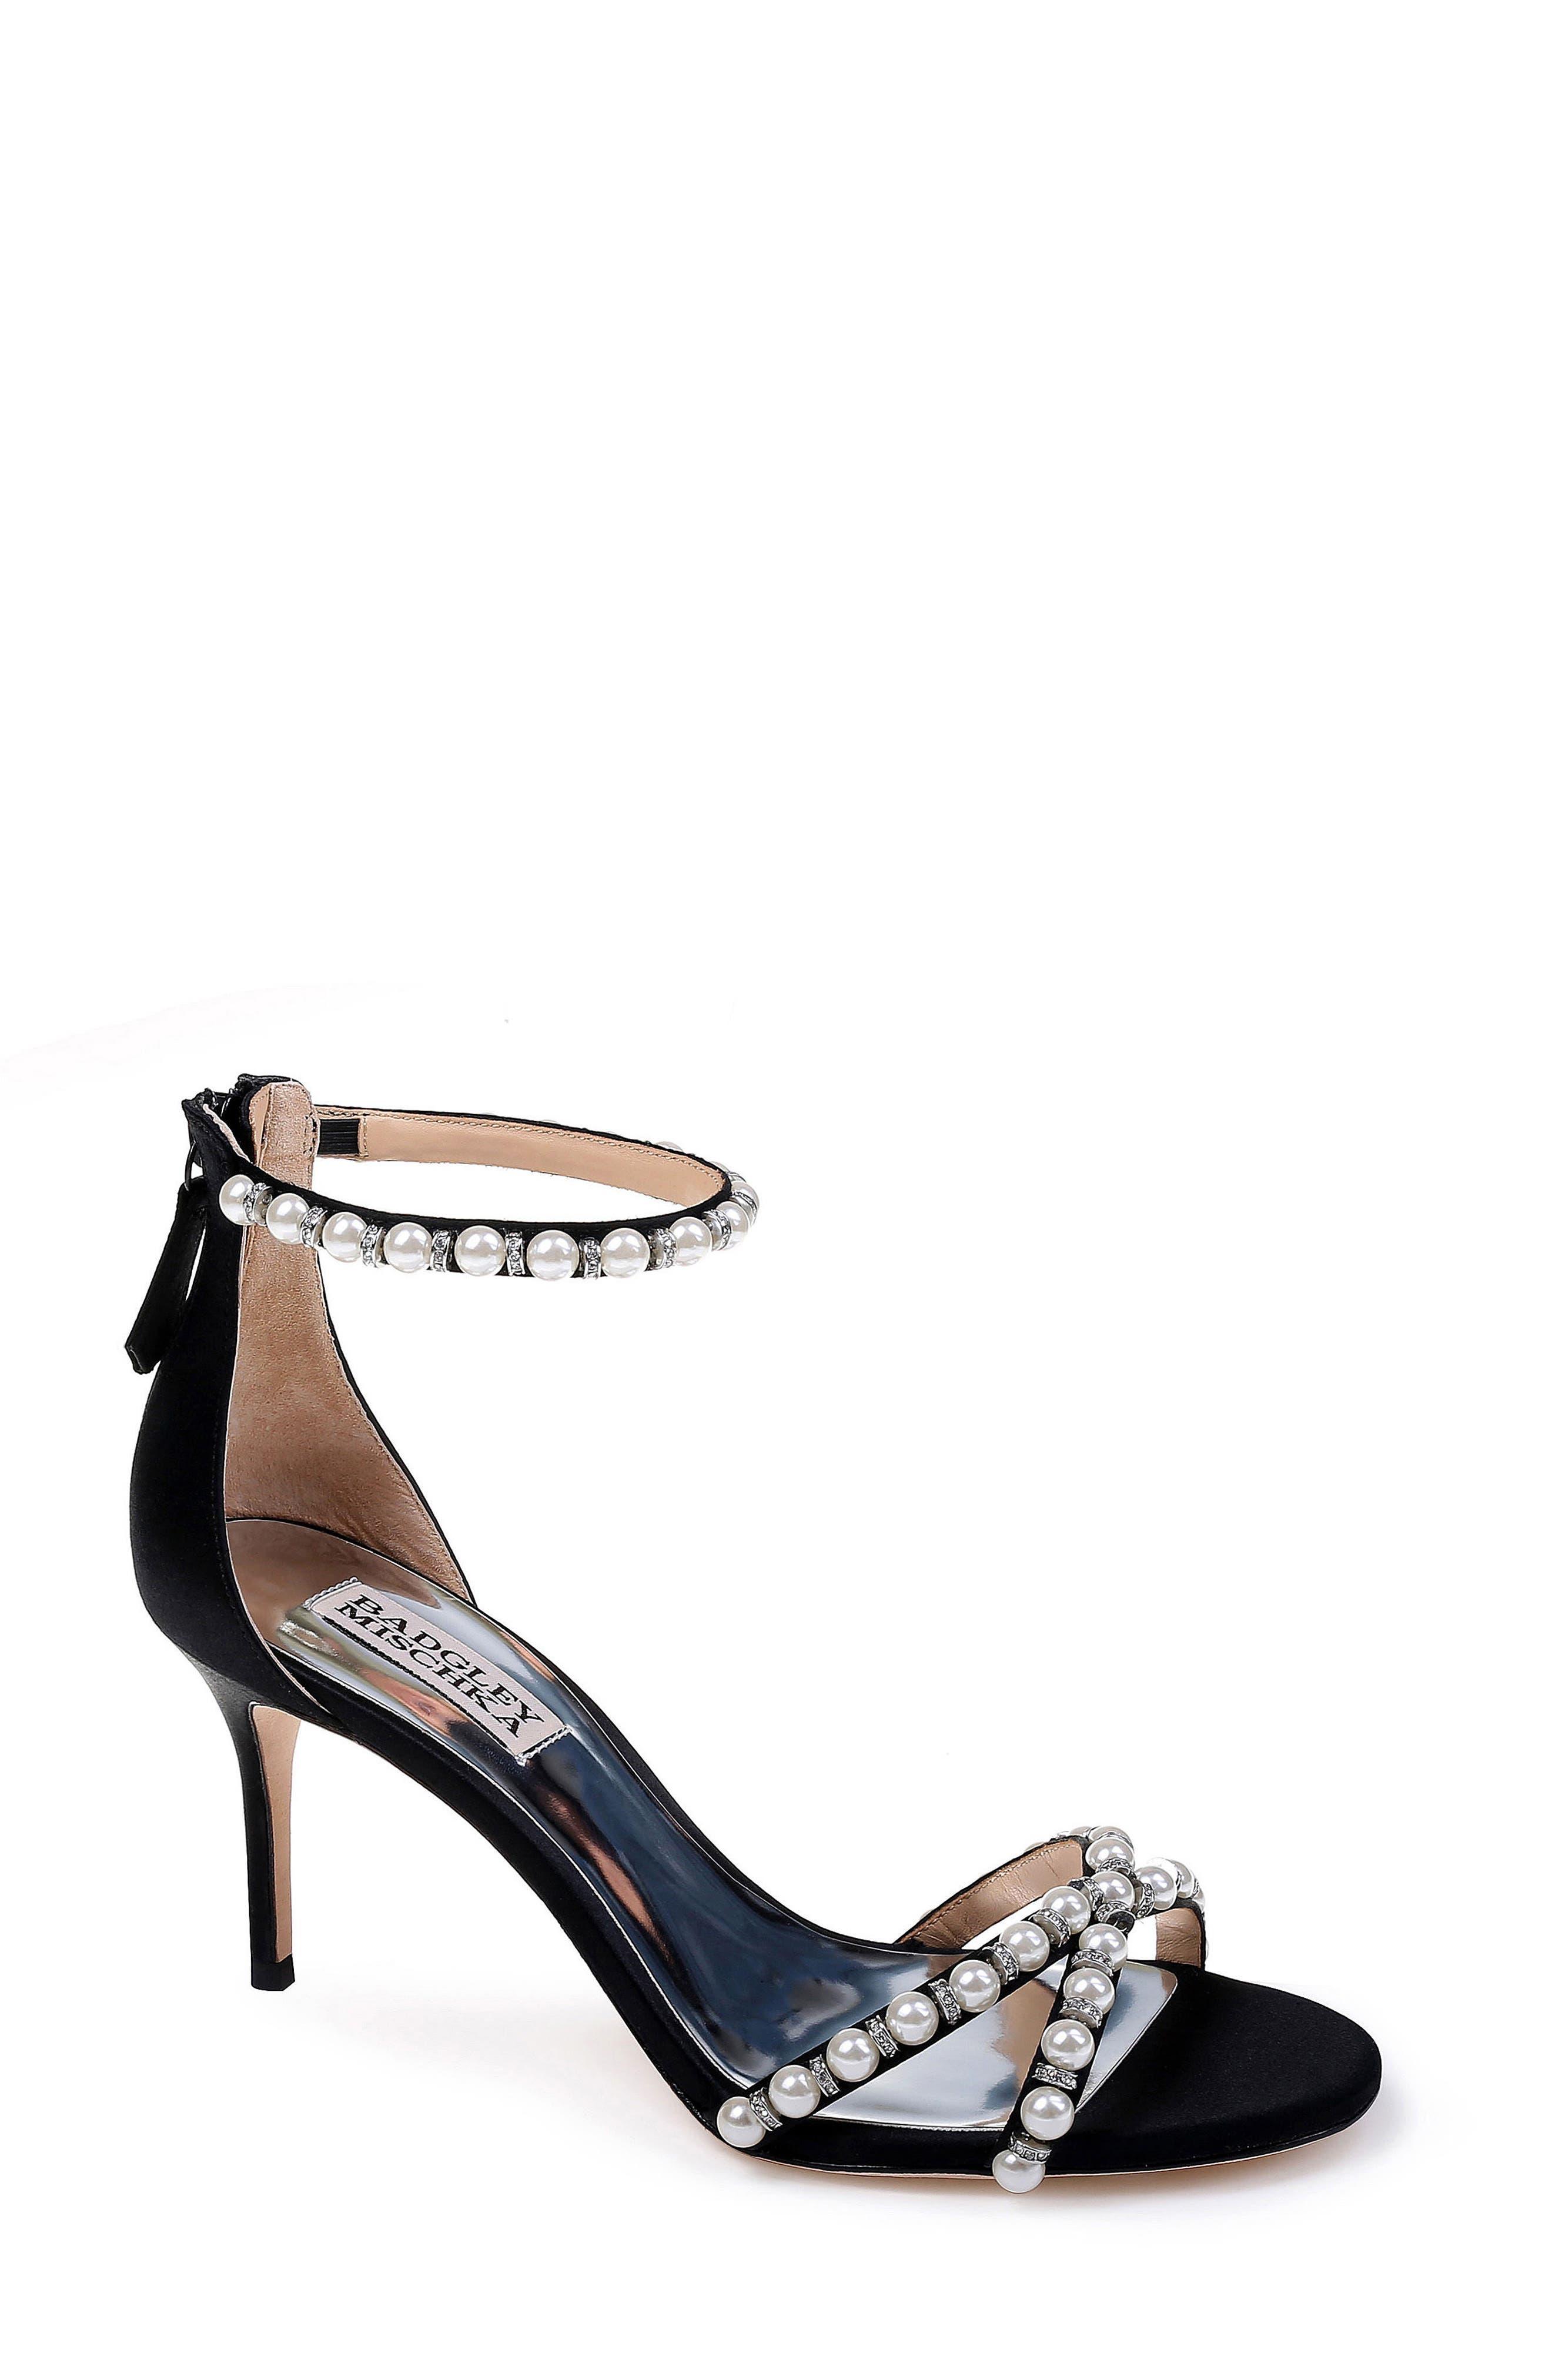 Badgley Mischka Hannah Embellished Ankle Strap Sandal- Black